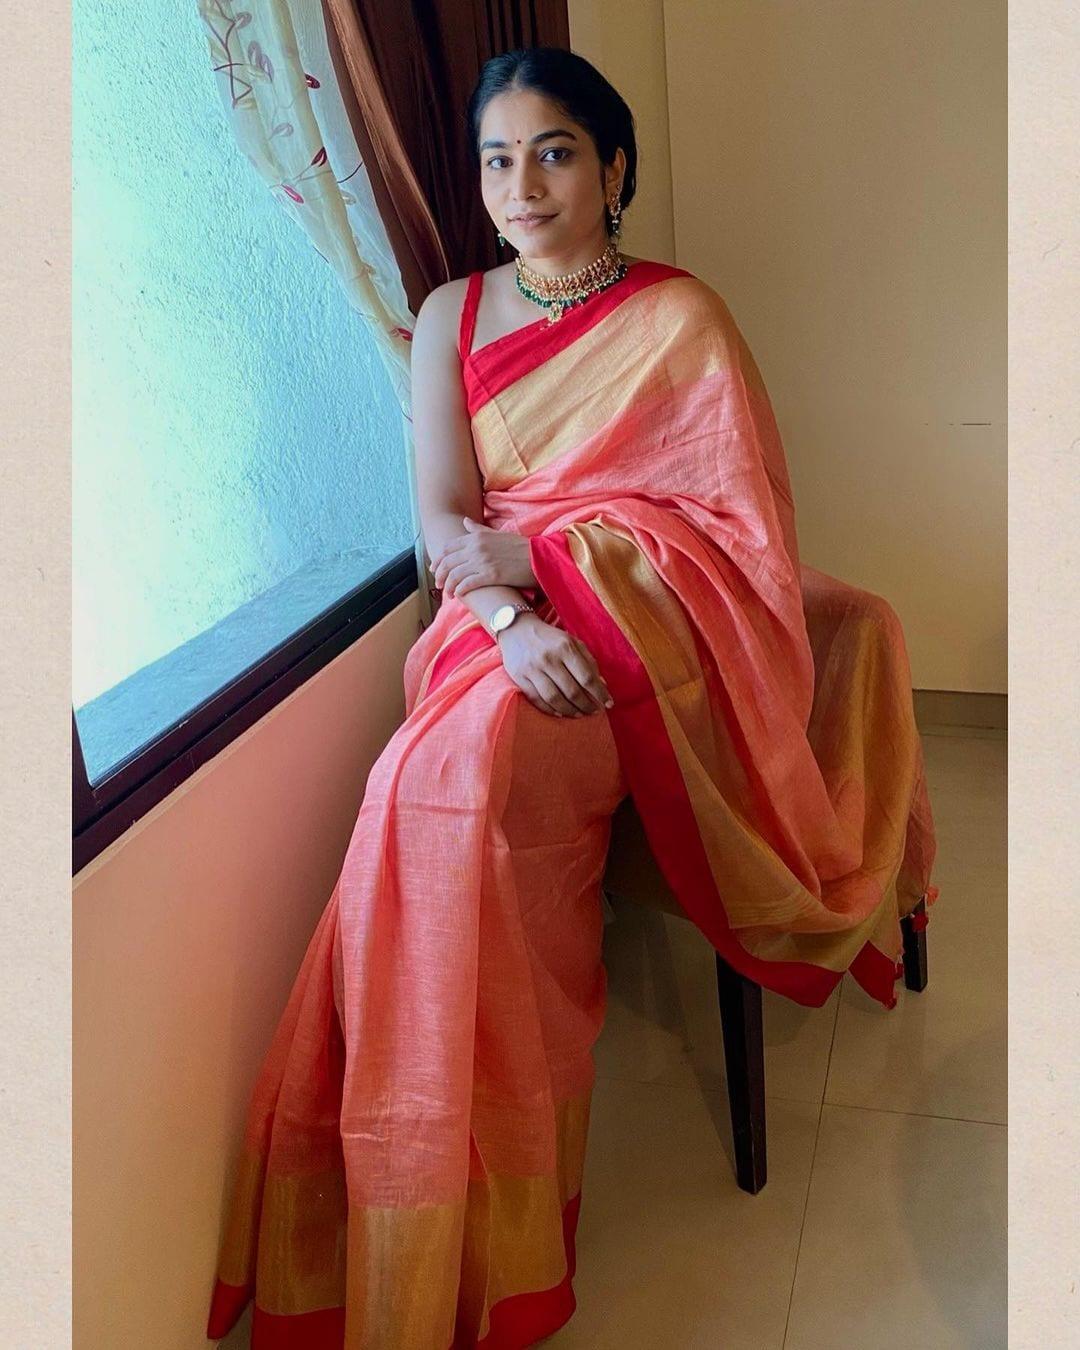 పునర్నవి భూపాలం లేటెస్ట్ ఫోటోస్ (Instagram/Photo)